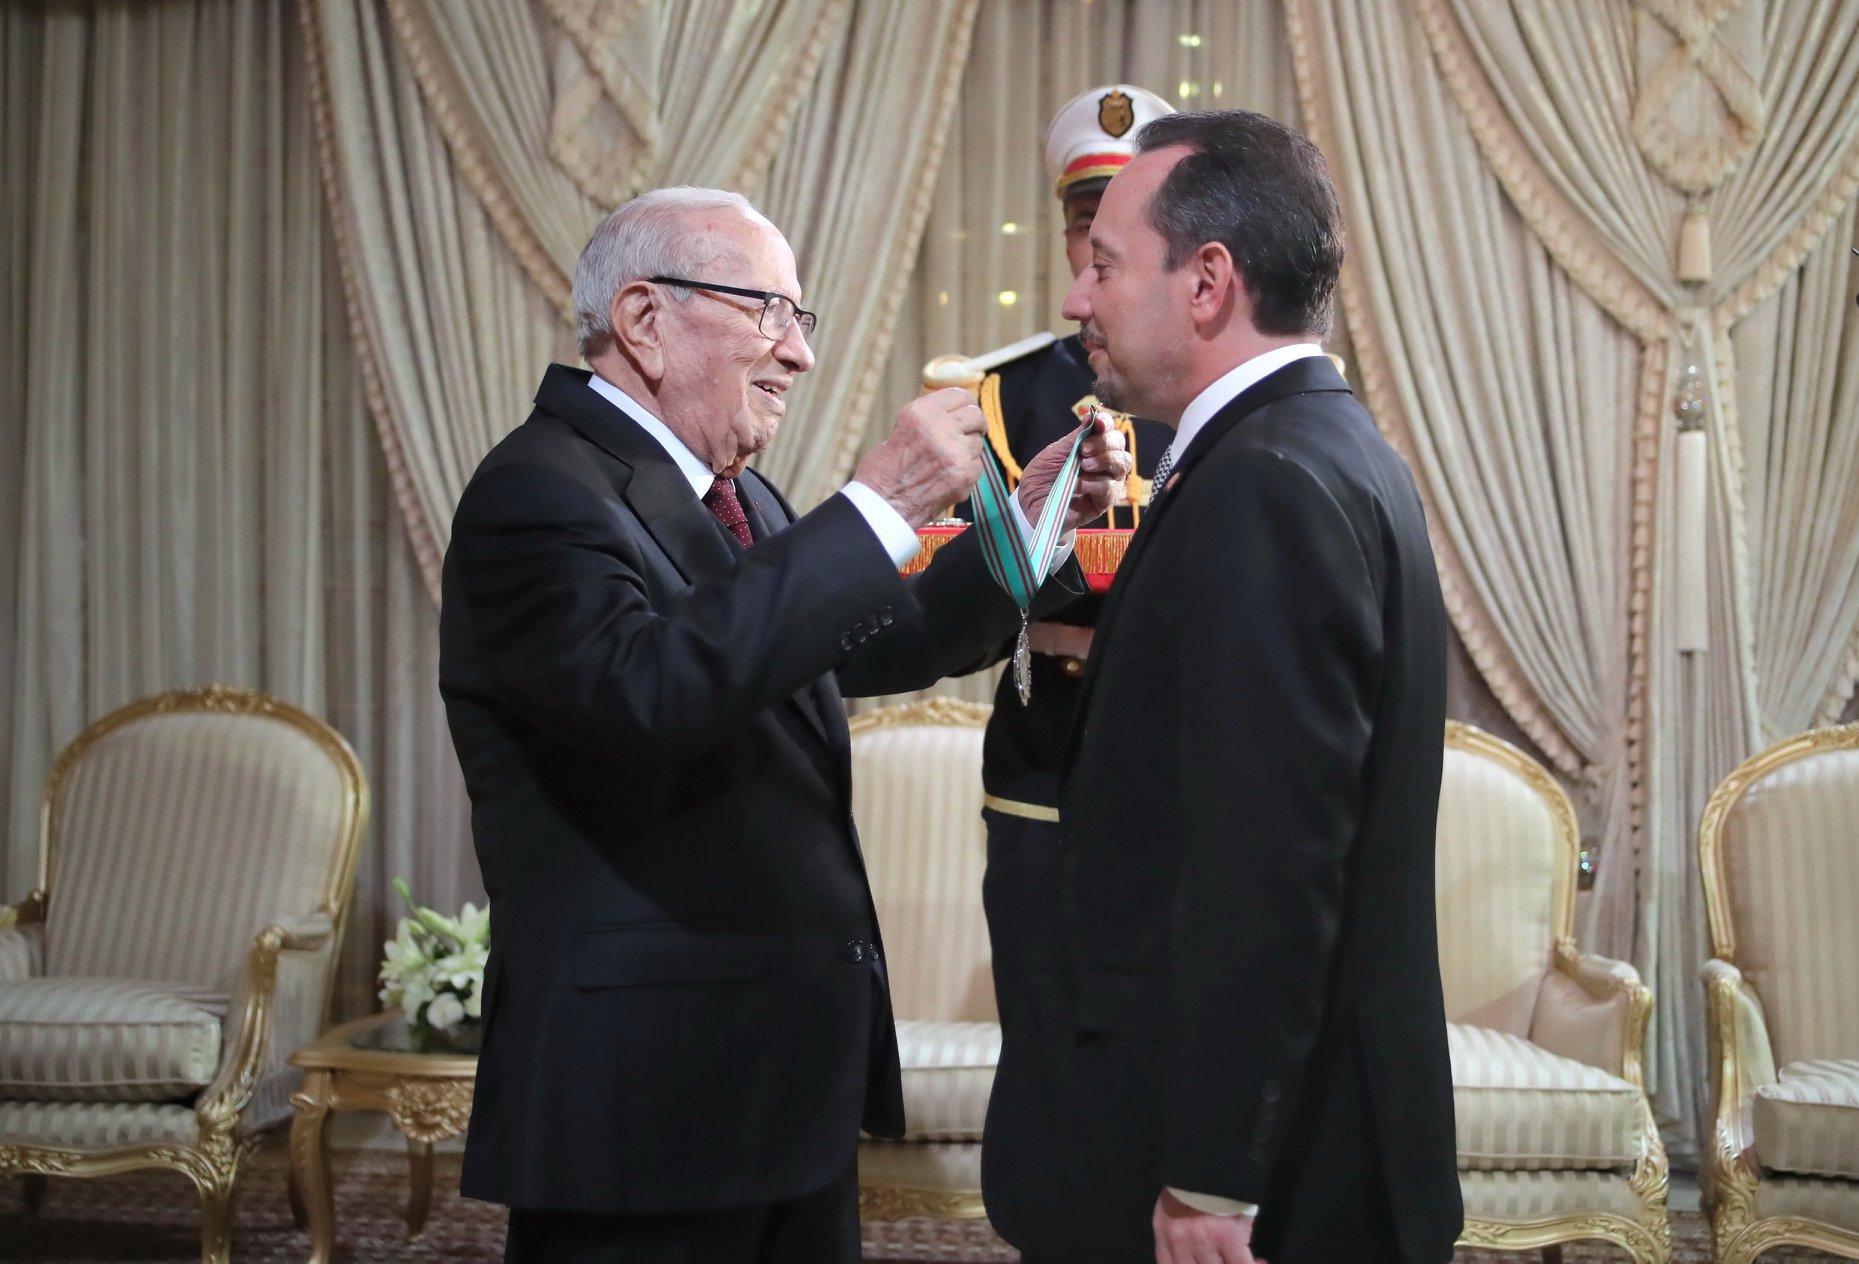 قائد السبسي يمنح سفير أمريكا المُغادر وسام الجمهورية